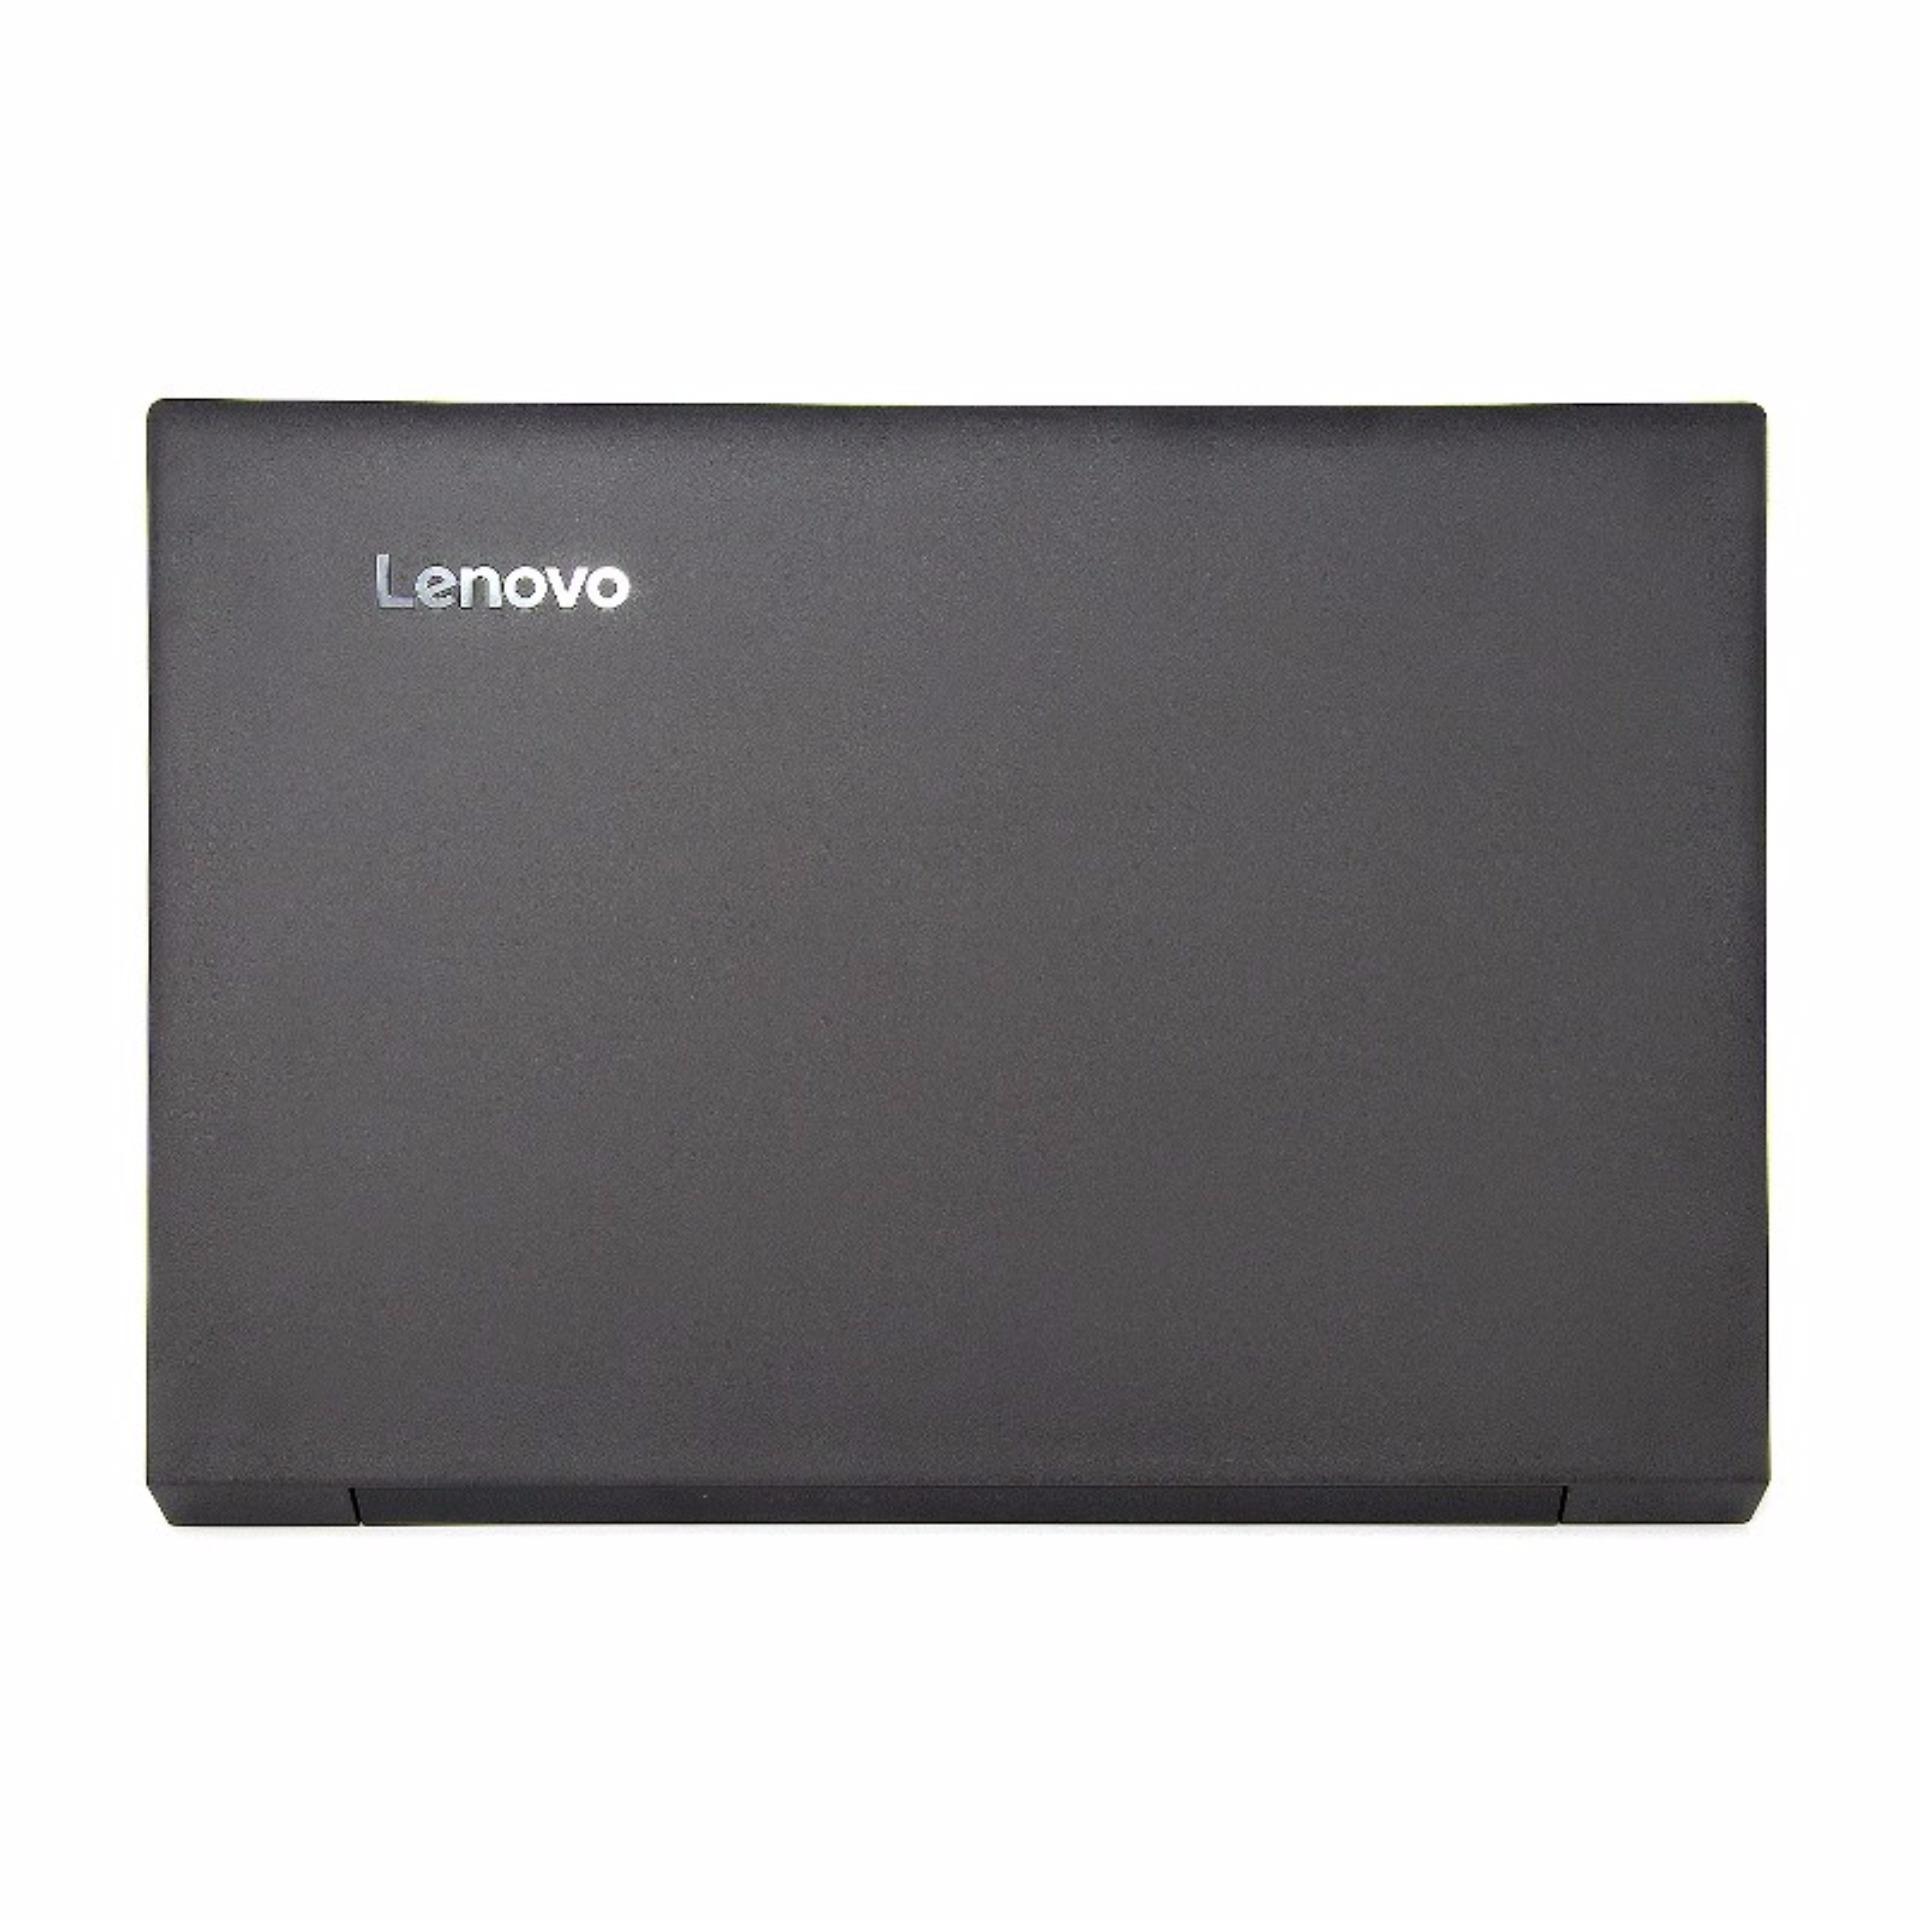 Lenovo Ideapad 110 15isk I3 6100u Ram 8gb Ddr4 Hdd 1tb Intel Windows 05id 14ast Gaming V110 Core 4gbg